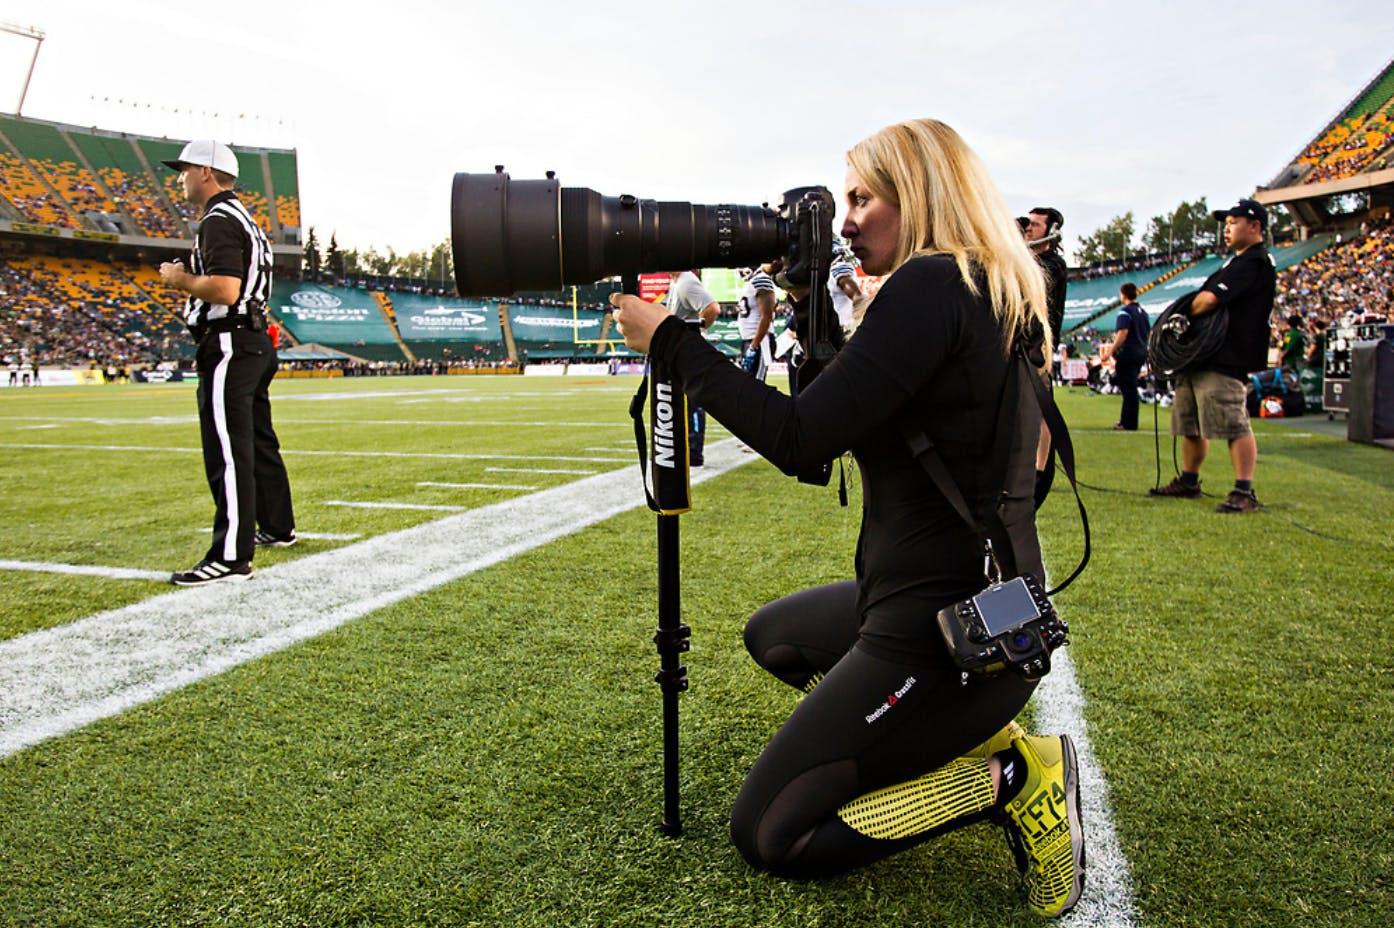 зарплата спортивного фотографа в мире приятный молодой